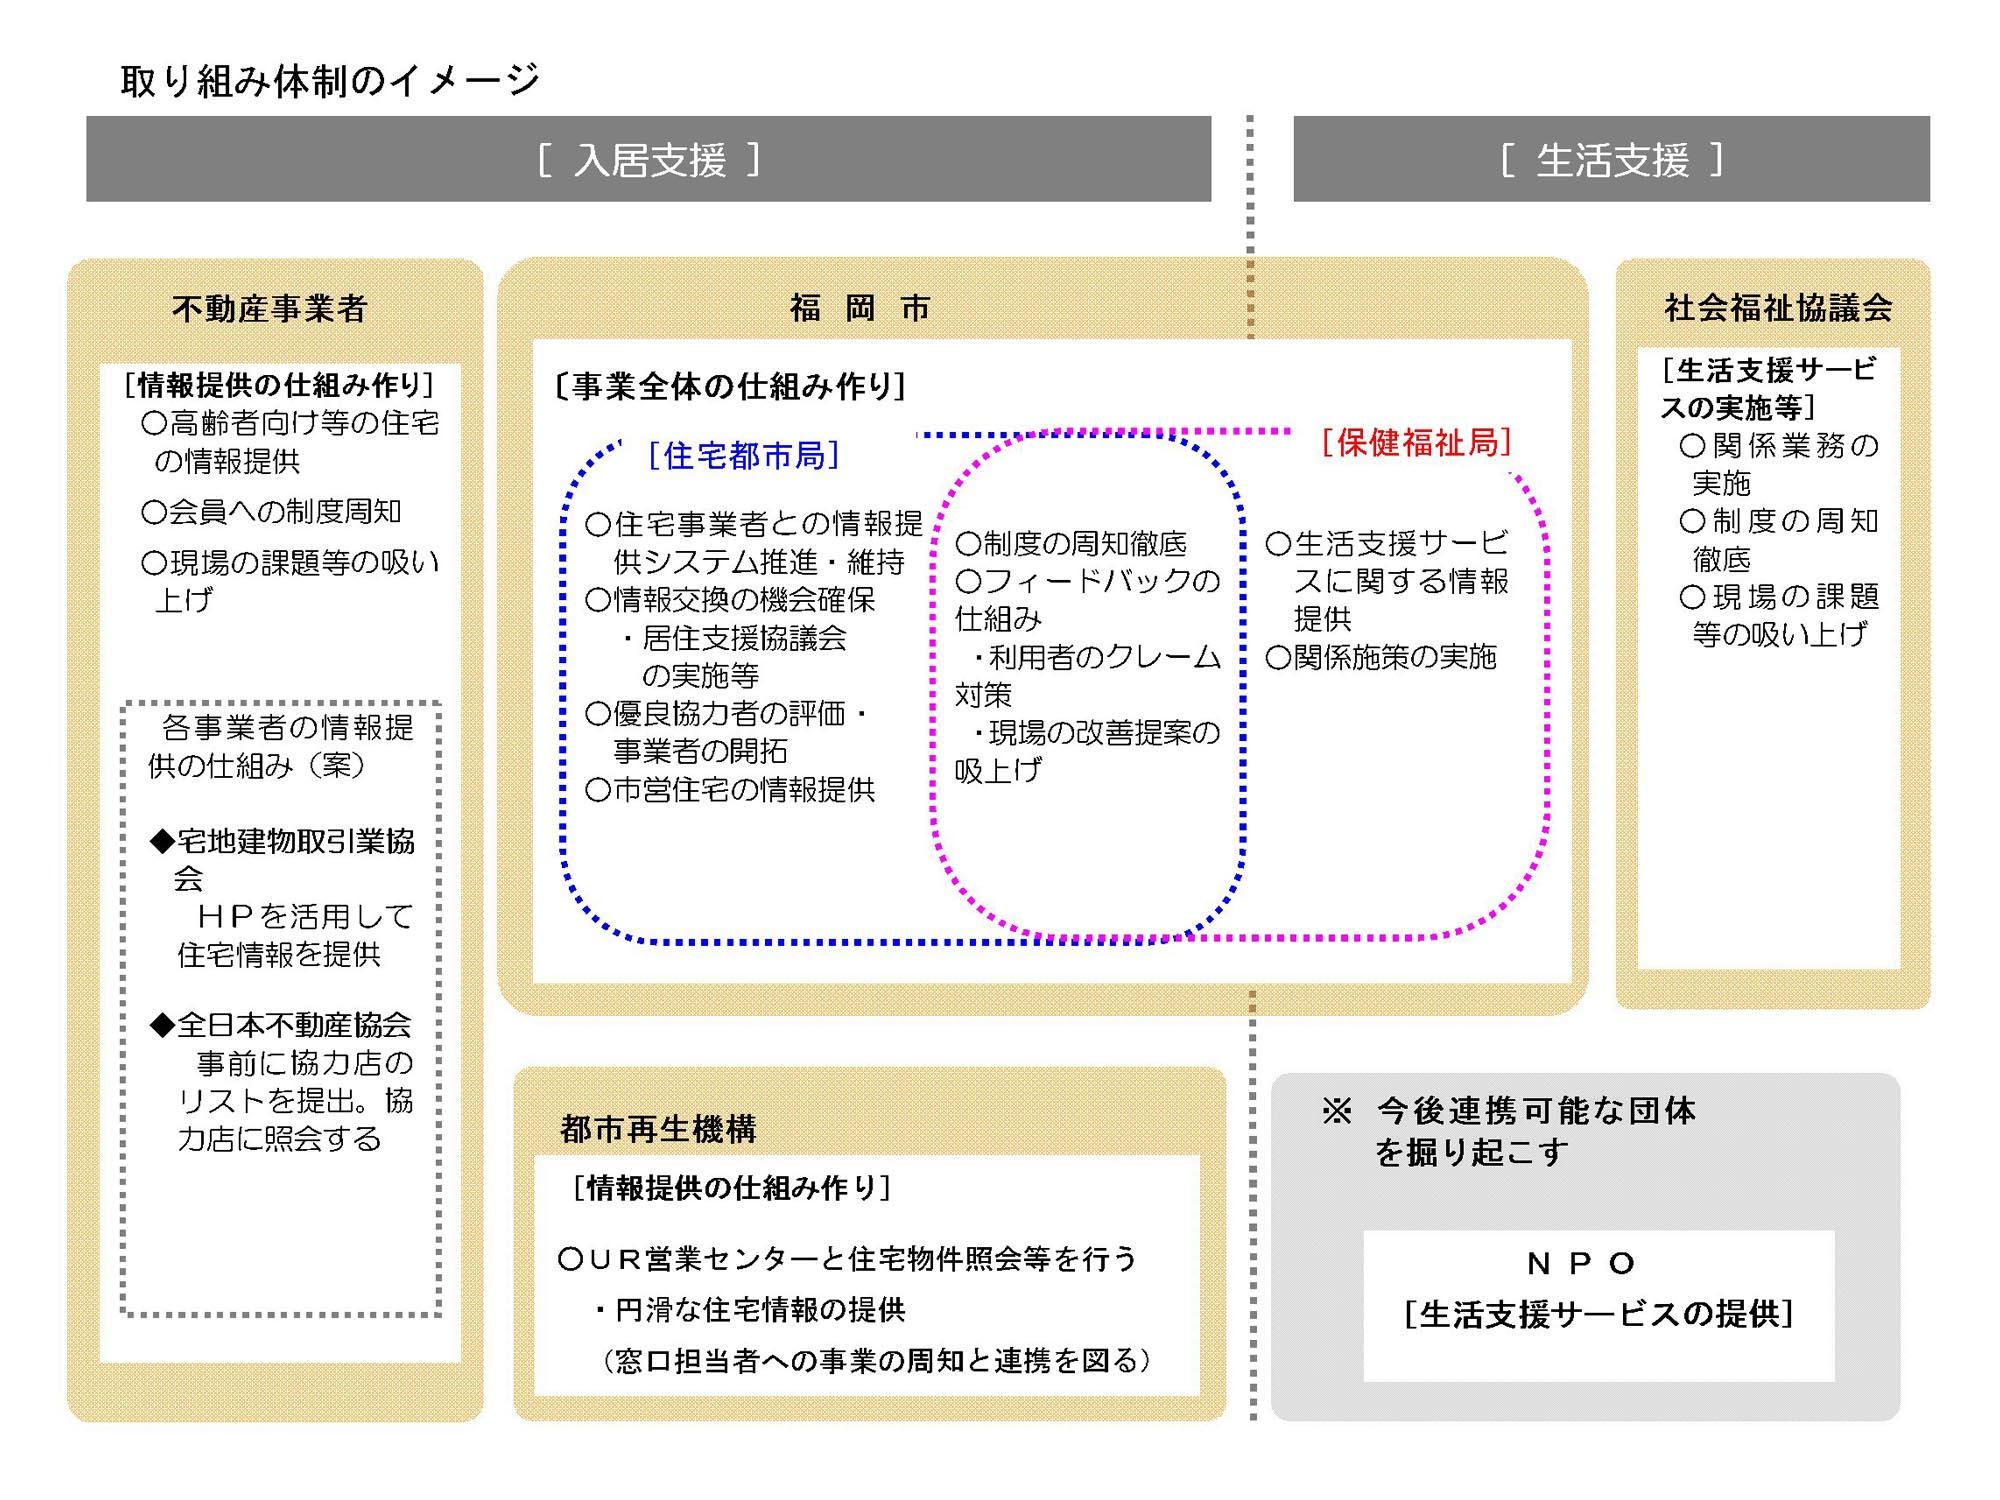 福岡市高齢者等の入居支援に係る調査業務